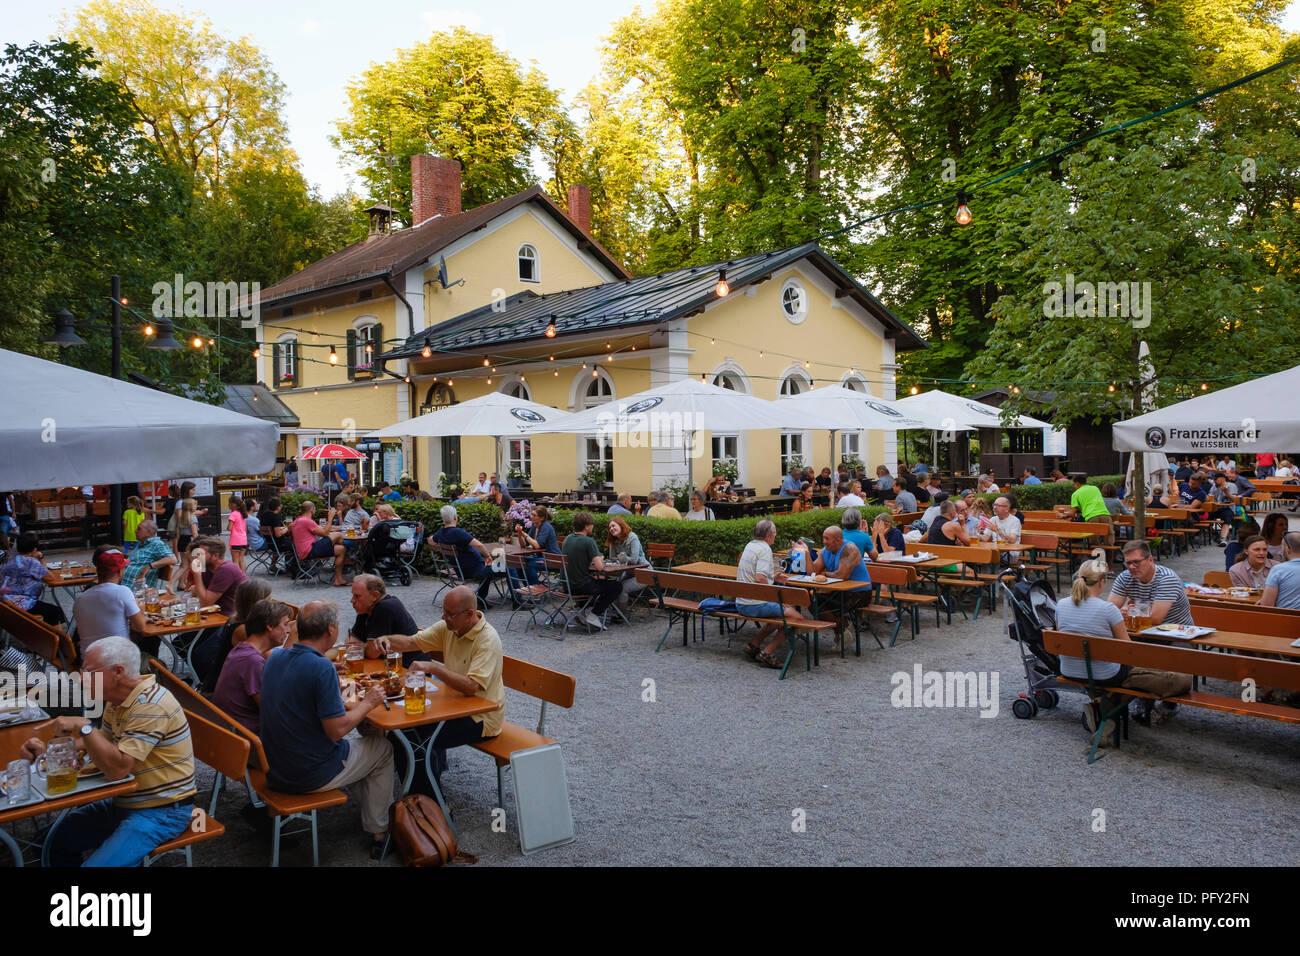 Giardino della birra Zum Flaucher, Sendling, Monaco di Baviera, Baviera, Baviera, Germania Immagini Stock